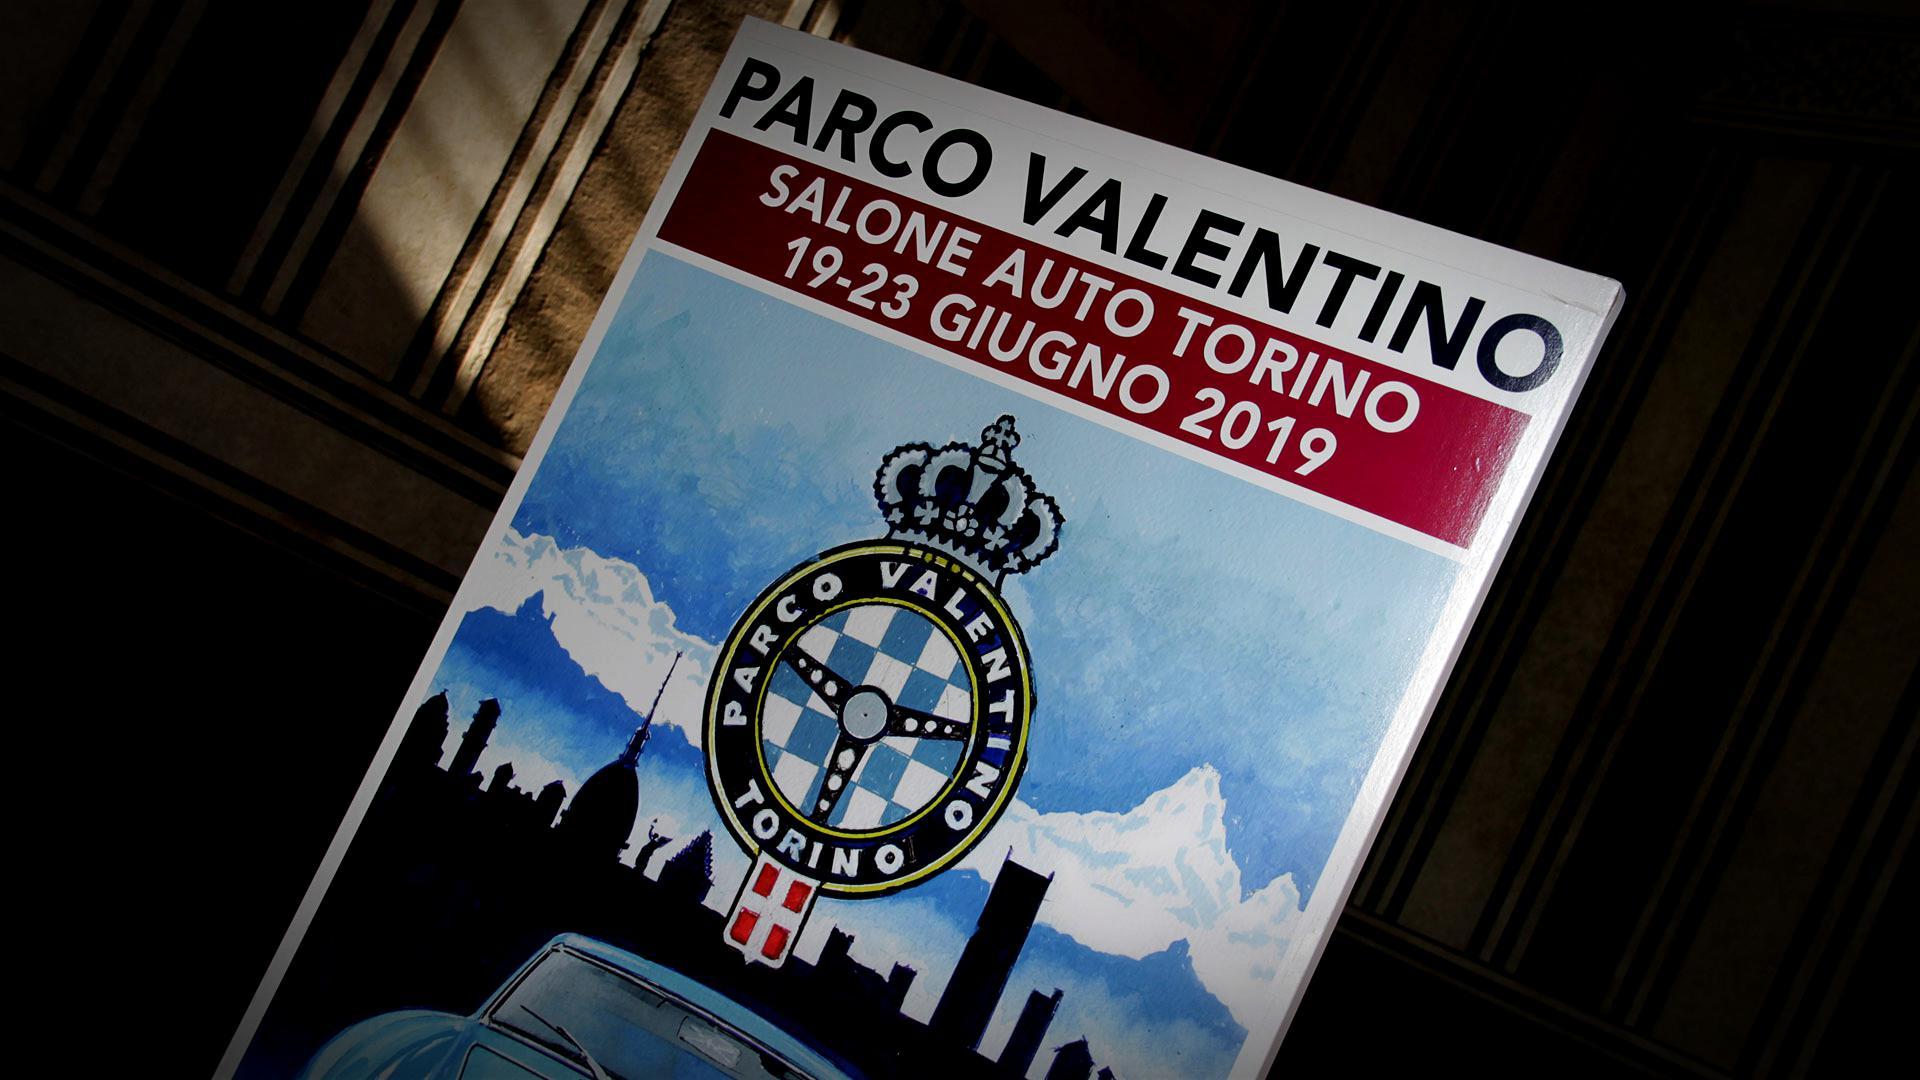 parco-valentino-salone-auto-torino-2019-presentazione